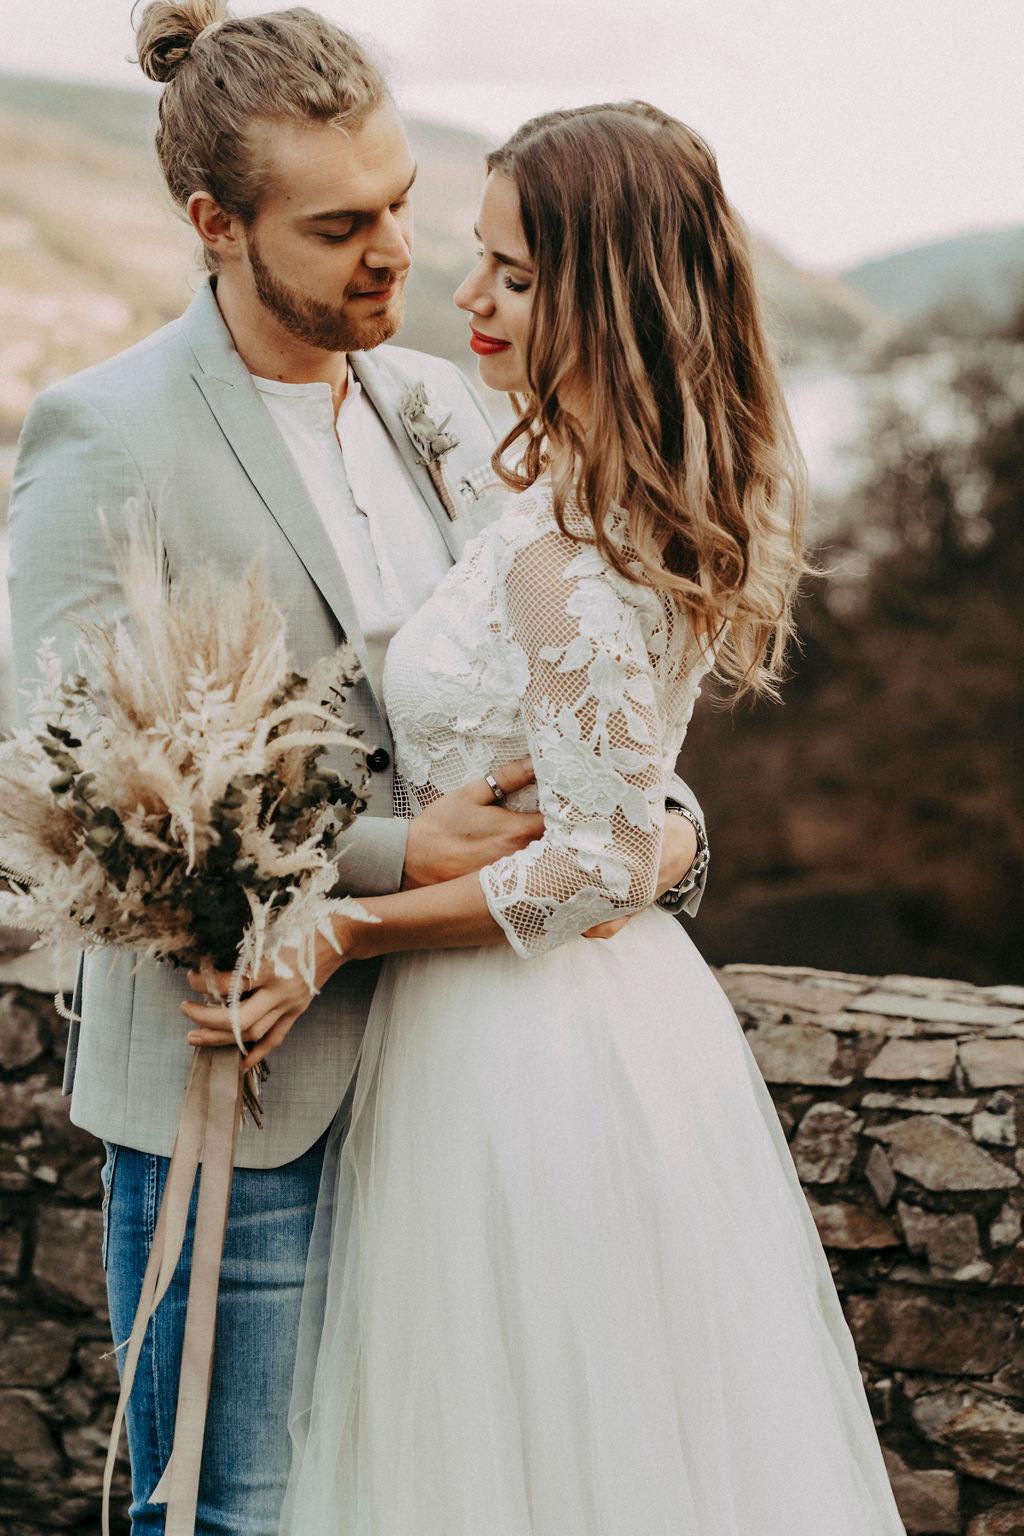 noni Brautmode, Styled Shoot, Brautpaar vor mittelalterliche Kulisse. Bräutigam mit Zopf, Sakko und Bart, Model mit brünetten offenen Haaren und weißem Brautkleid